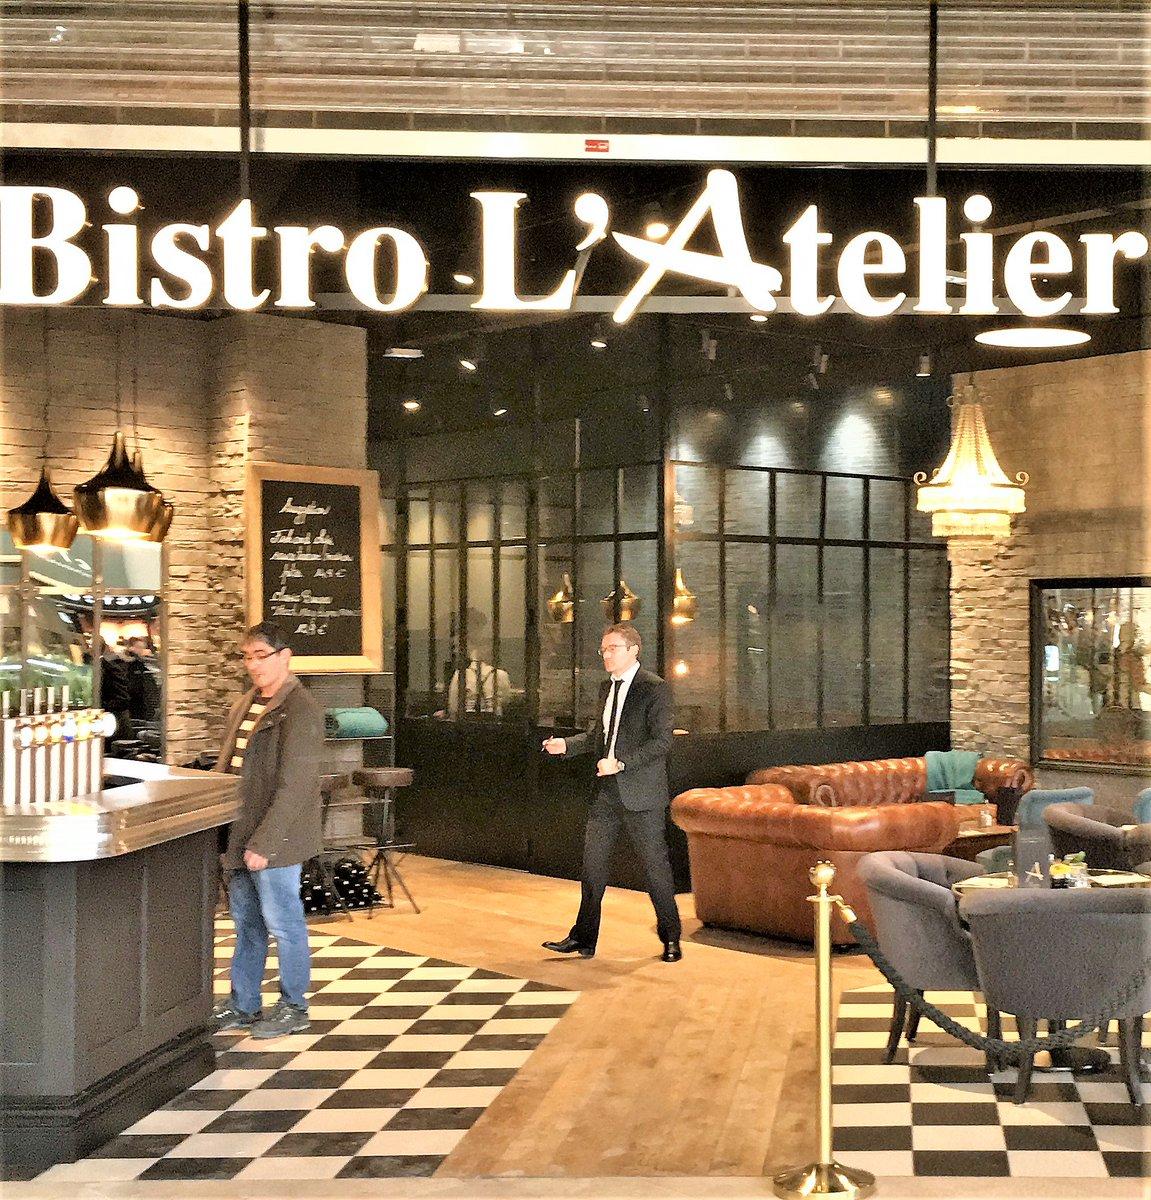 Le Bistro L&#39;Atelier est un nouveau restaurant qui vient d&#39;ouvrir @Les4Temps ! #fish&amp;chips #burgers #dessert<br>http://pic.twitter.com/FBlGwxVDDx